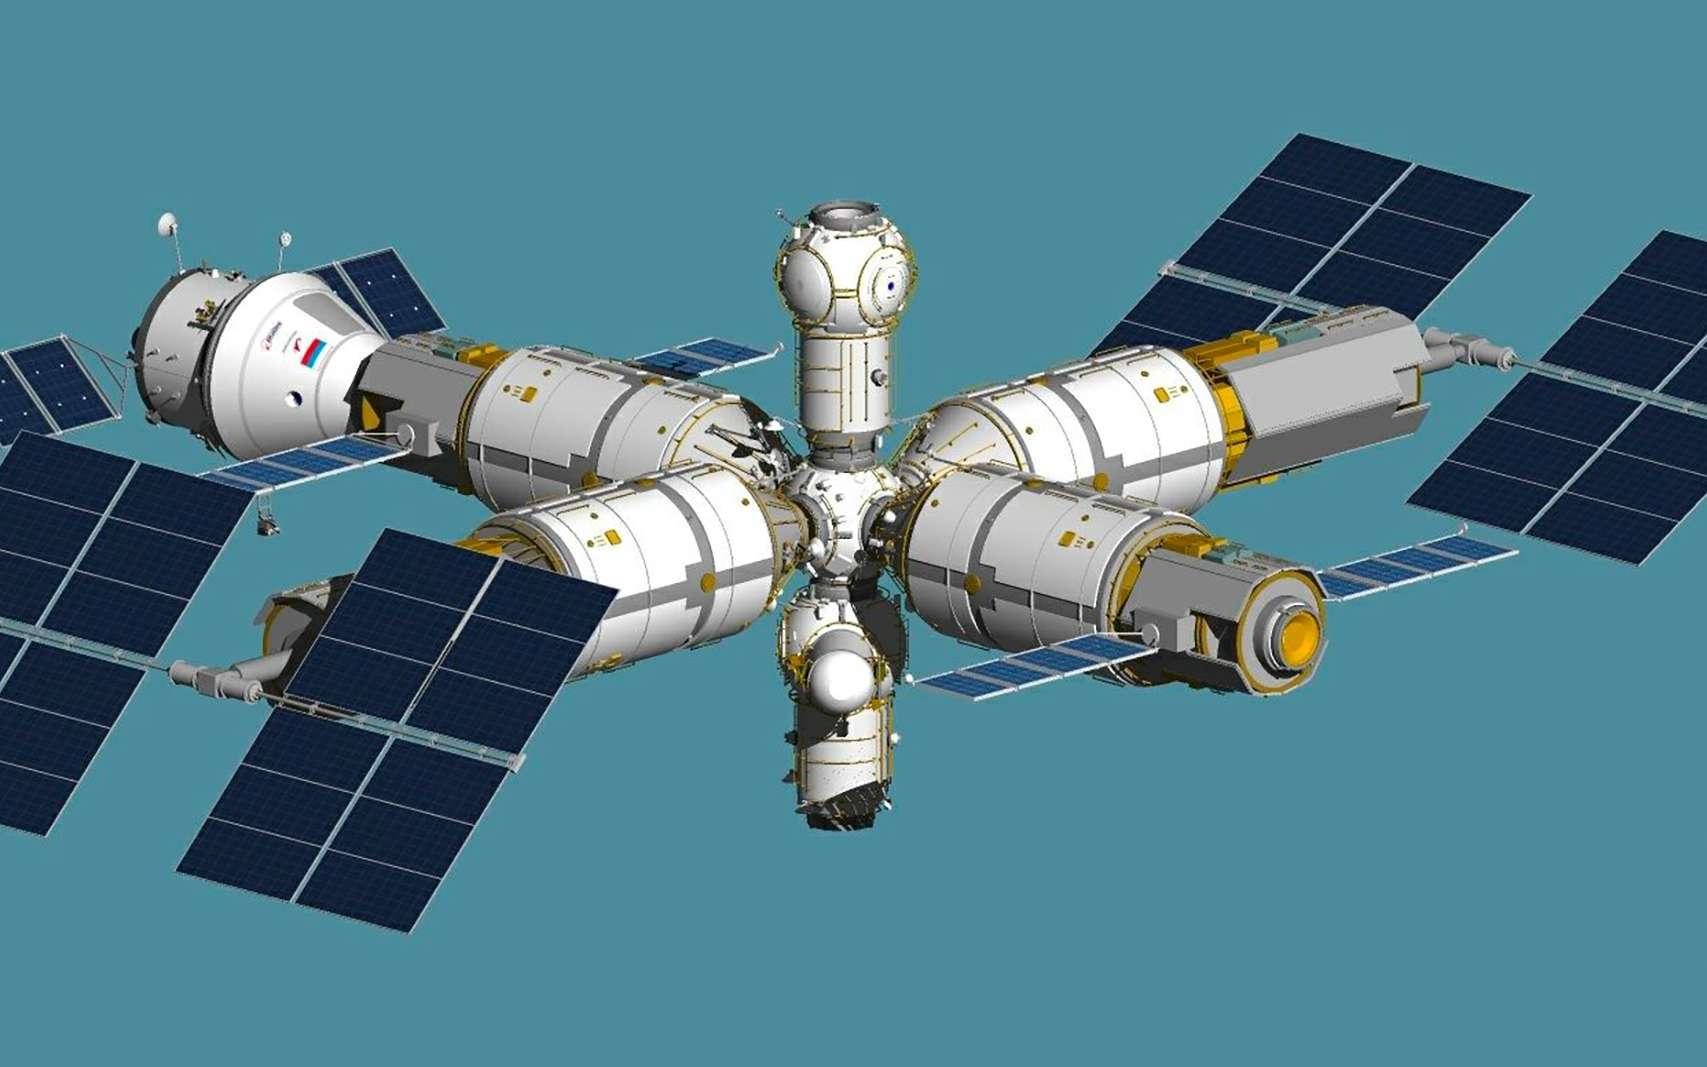 Vue d'artiste de la station spatiale russe Ross dont le premier module pourrait être lancé dès 2025. © Homem Do Espaco